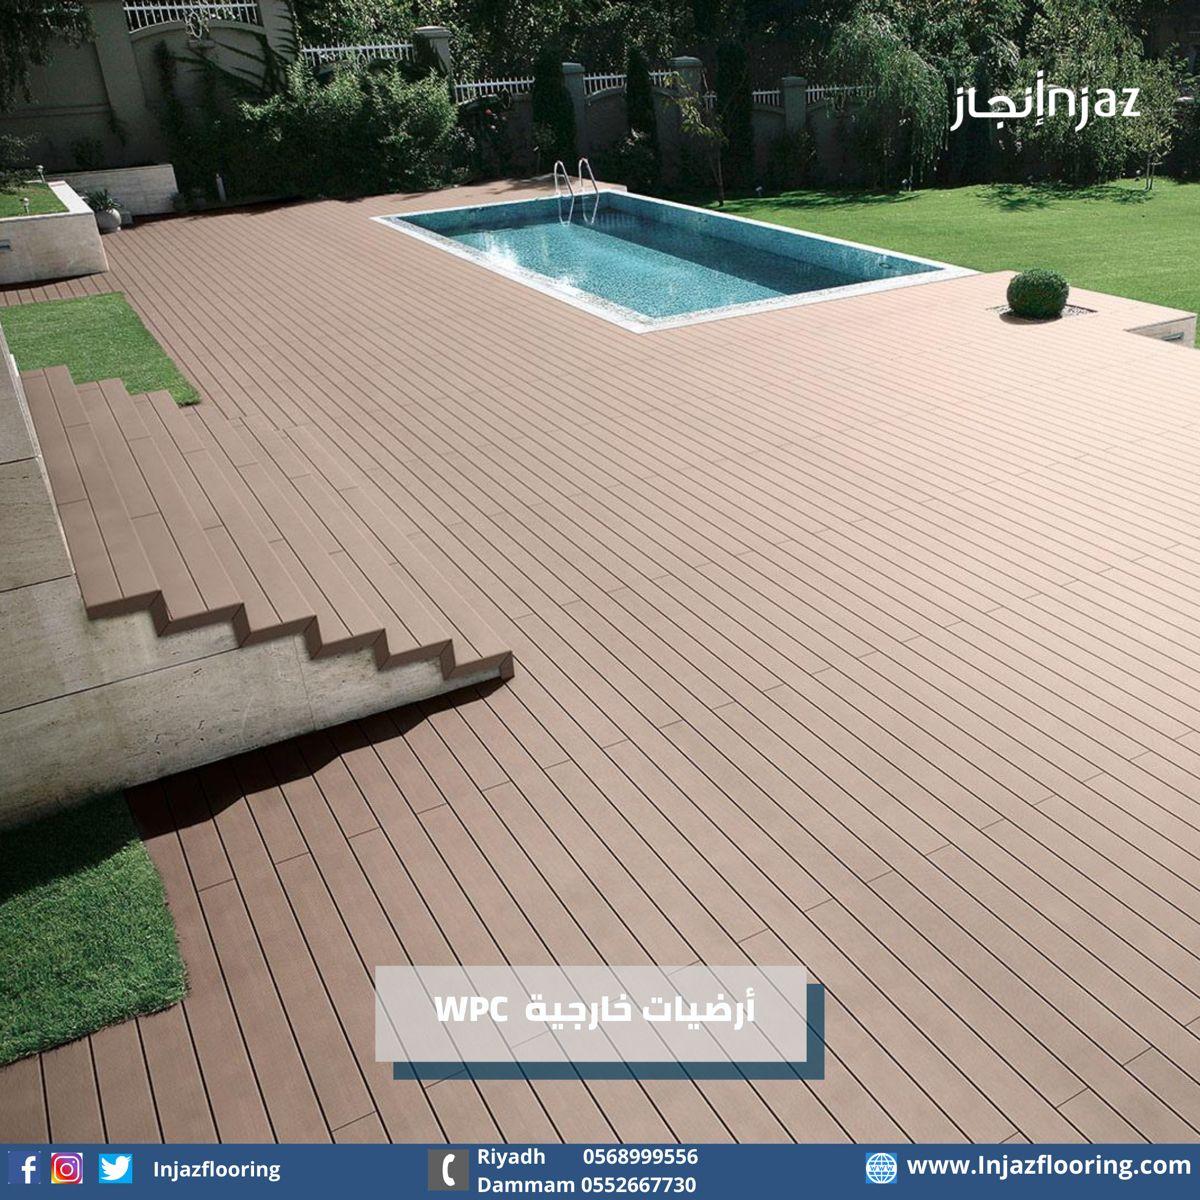 Wpc أرضيات خارجية Outdoor Decor Outdoor Pool